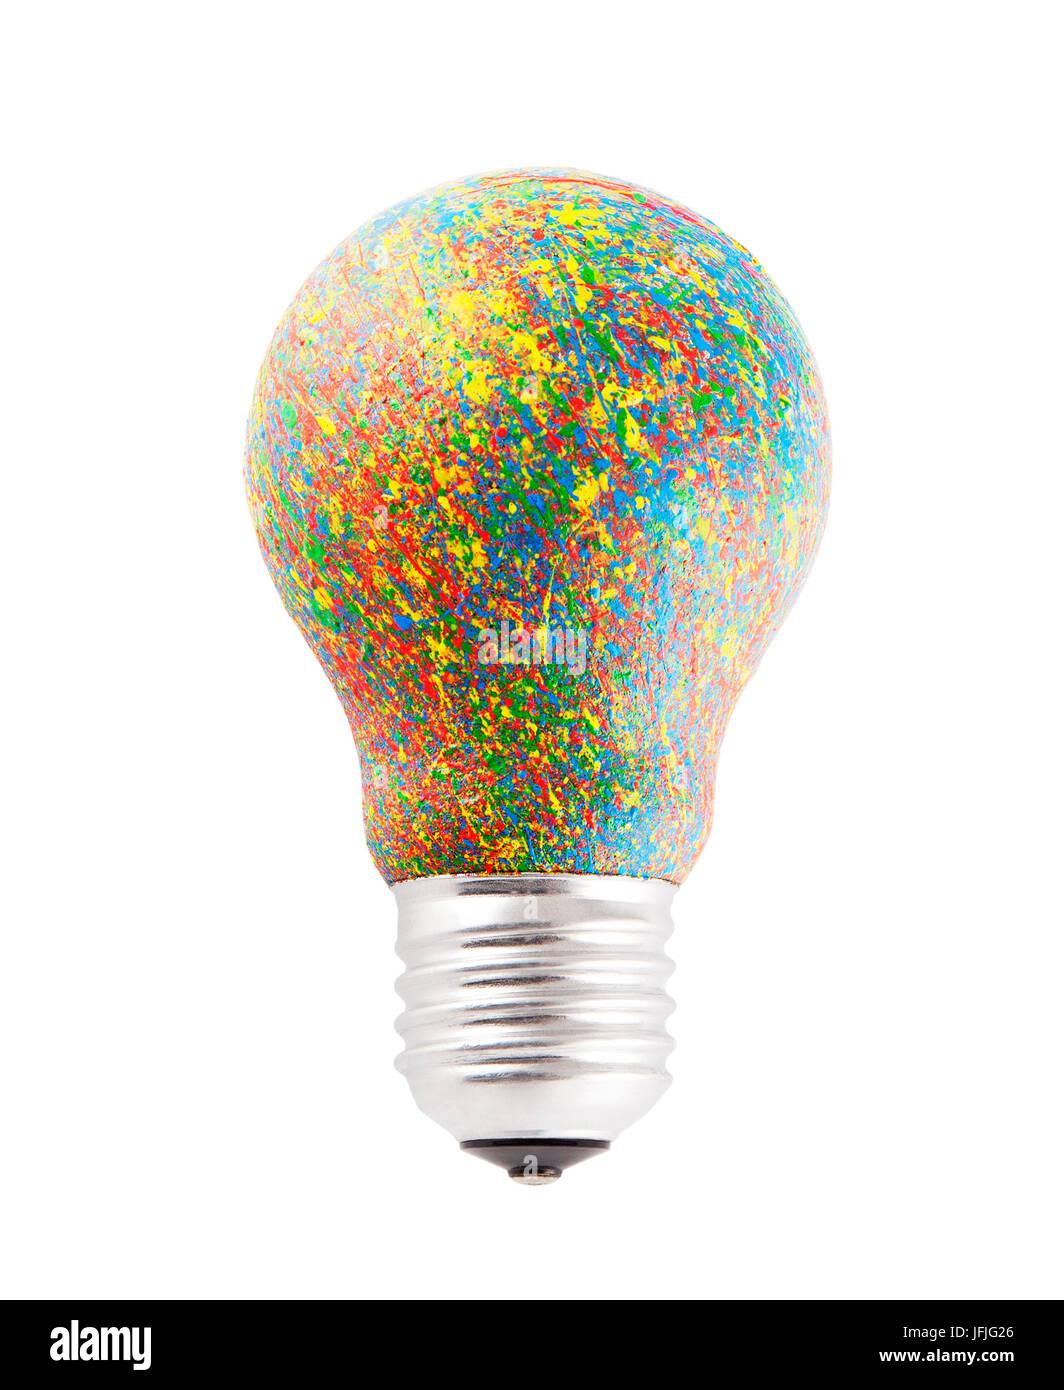 Bunt bemalte Lampe isoliert auf weiss mit Beschneidungspfad Stockbild